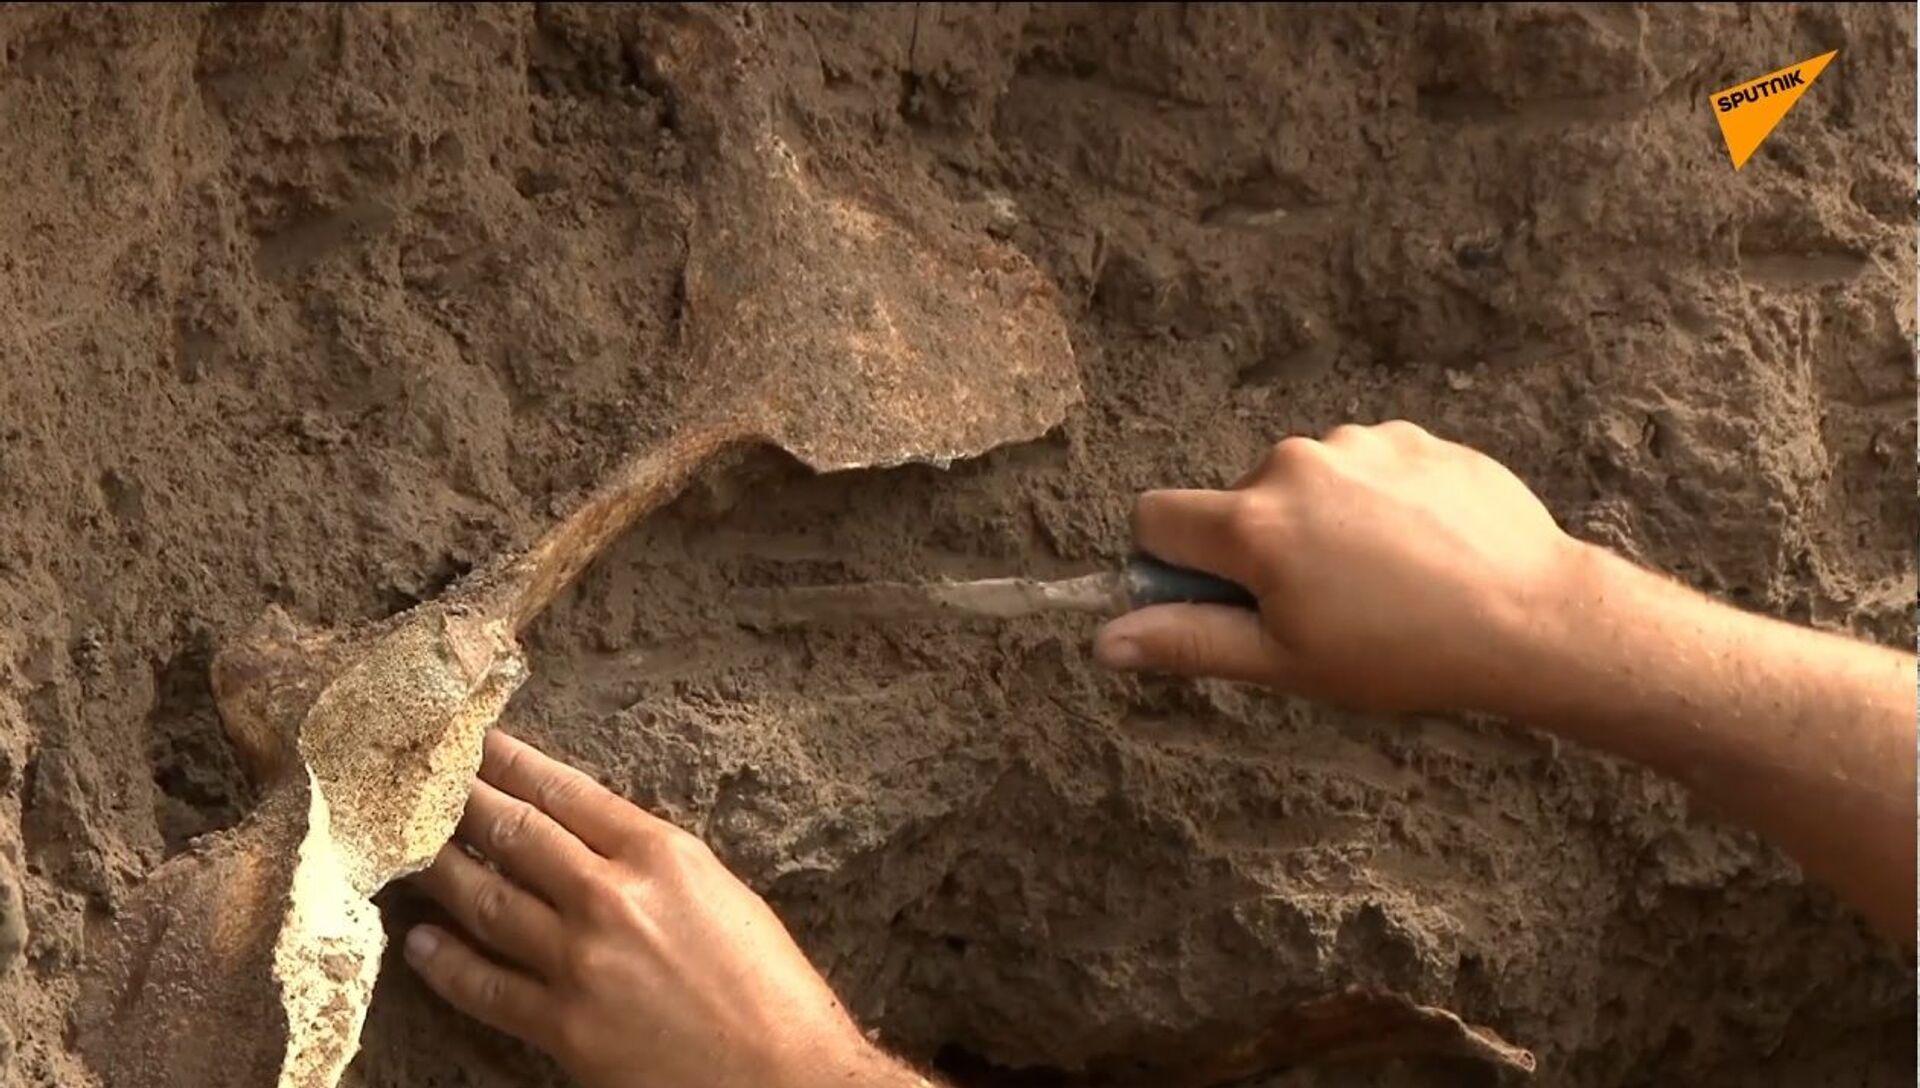 Argentina: conchiglia di Glyptodon trovata sulla spiaggia di Camet Norte - Sputnik Italia, 1920, 23.02.2021